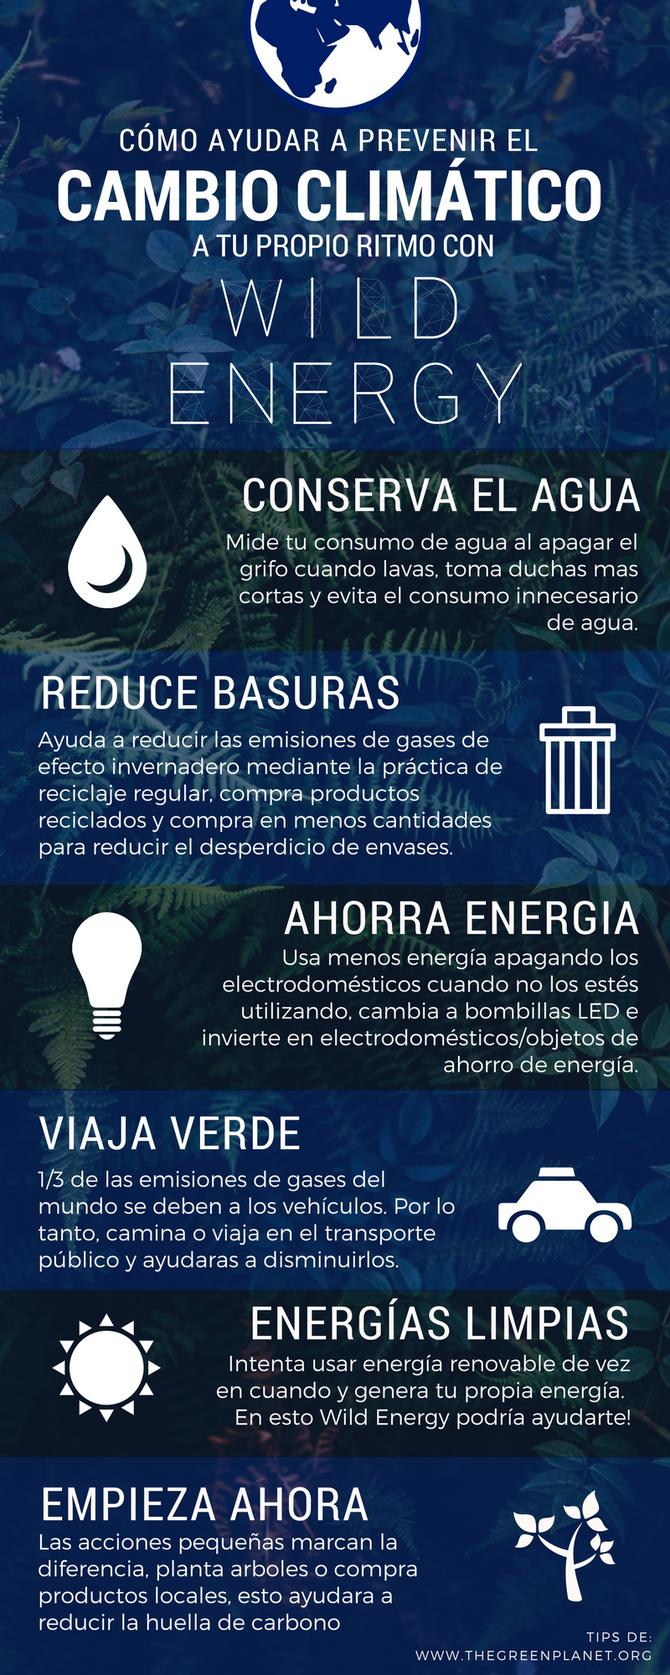 Cómo ayudar a prevenir el cambio climático